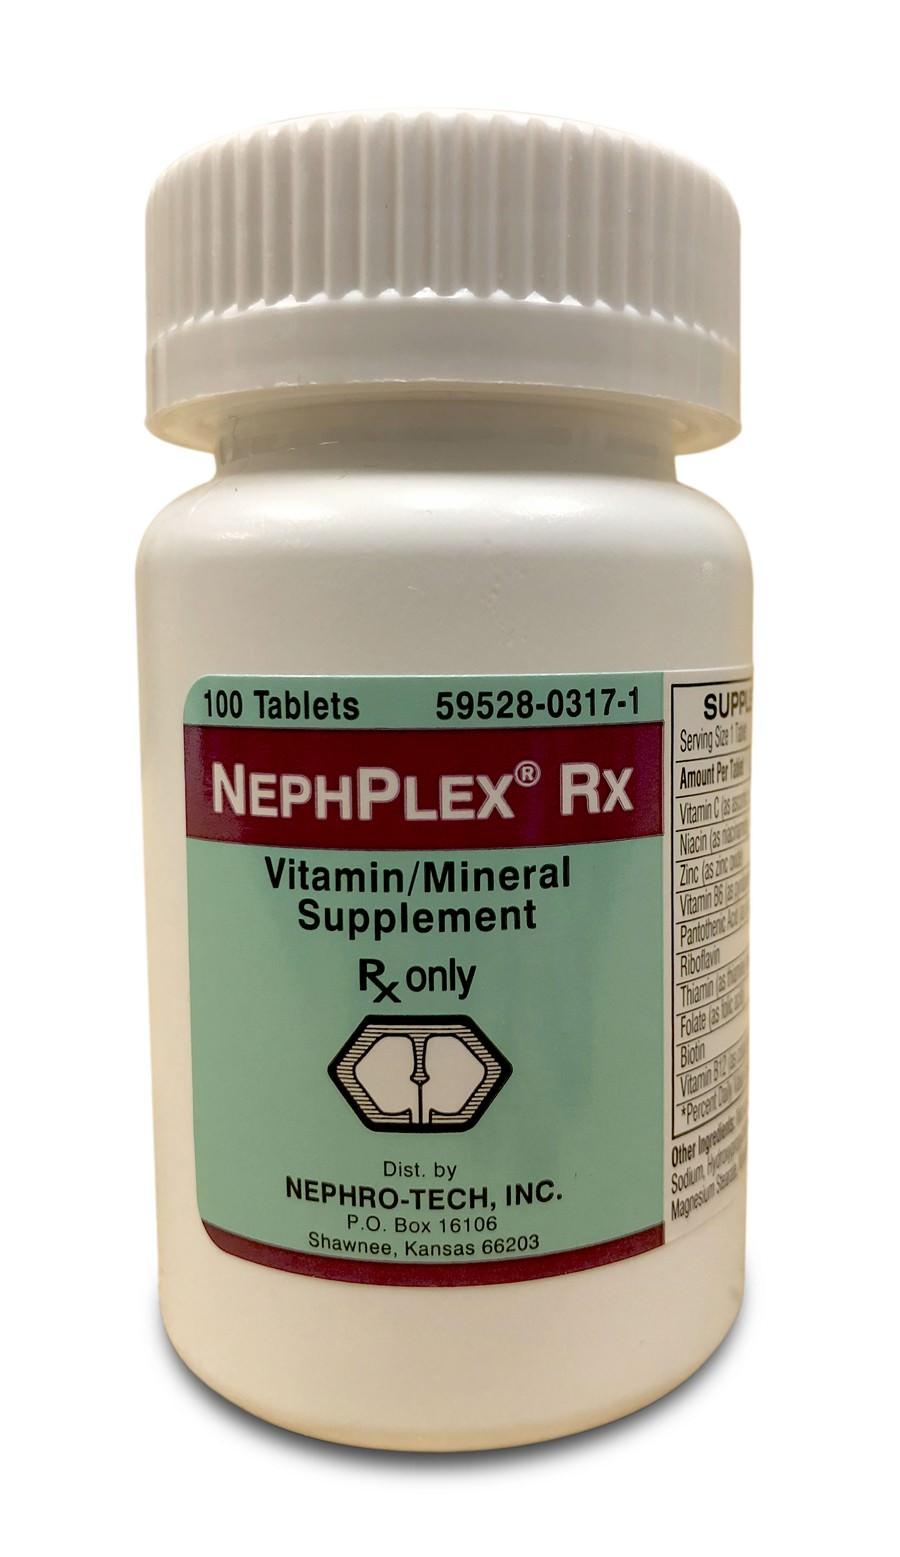 neph-plex-rx-900